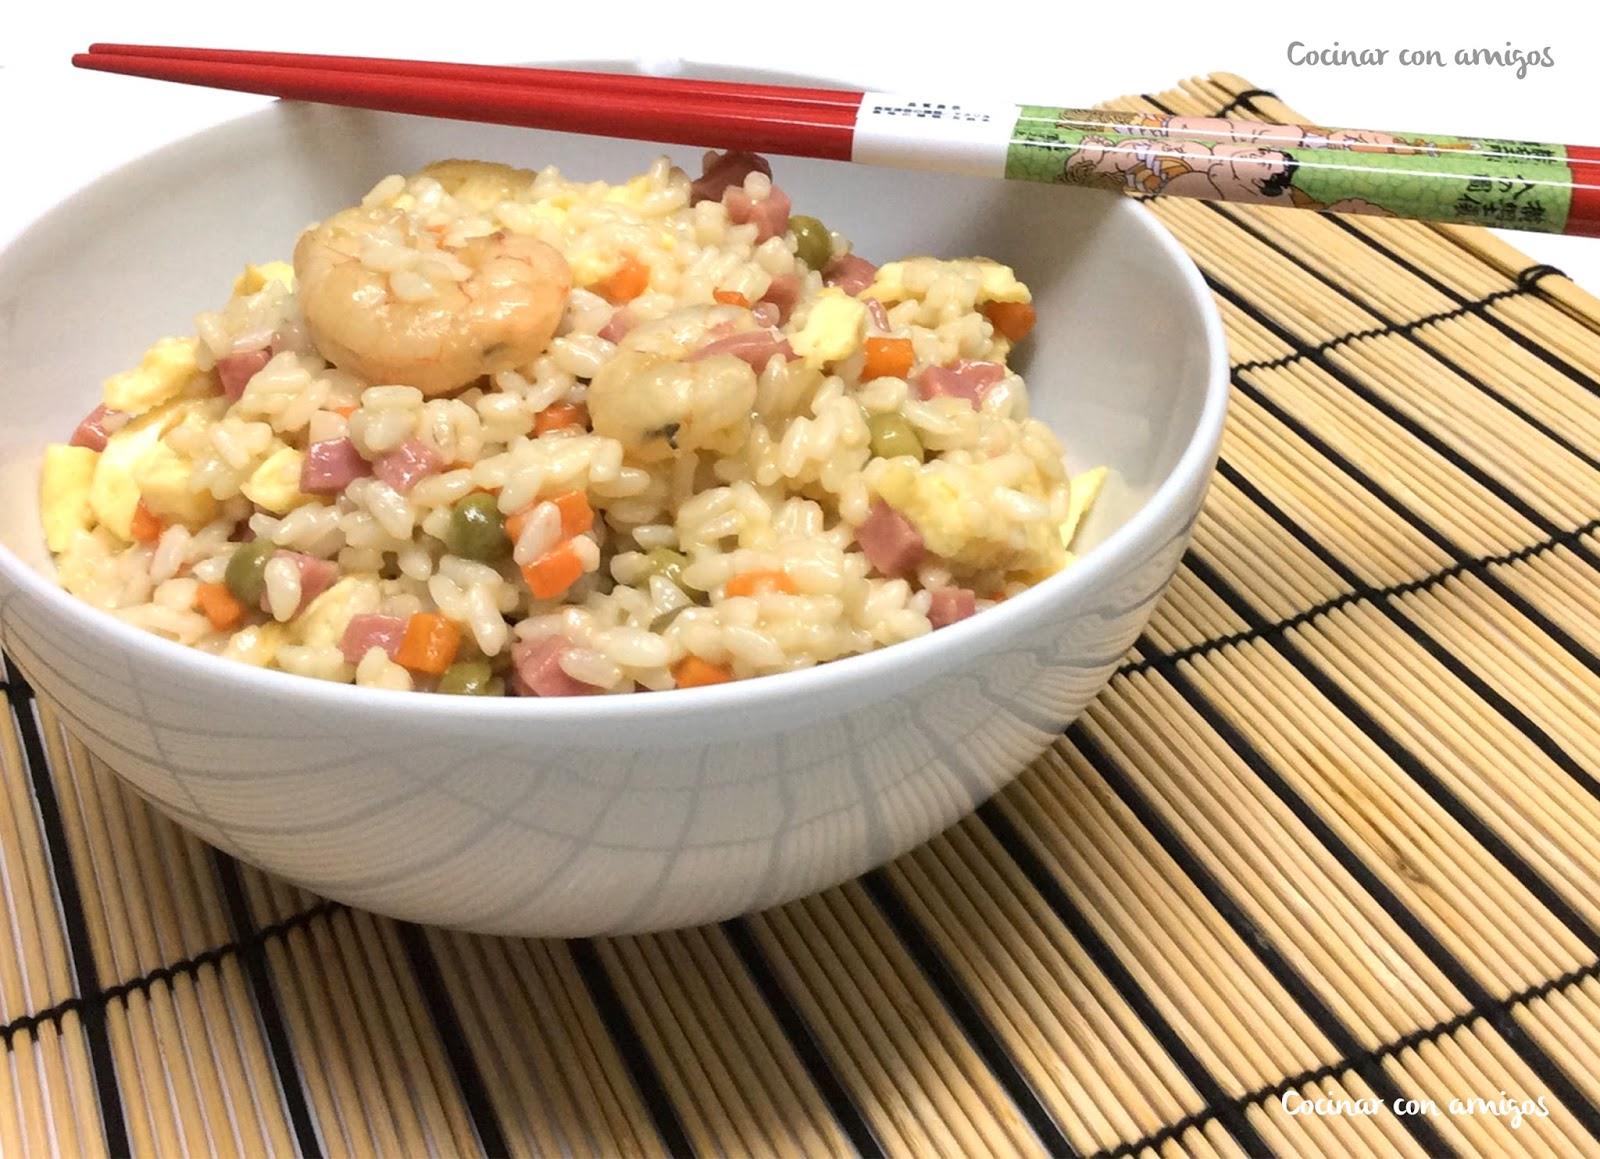 arroz tres delicias cocinar con amigos